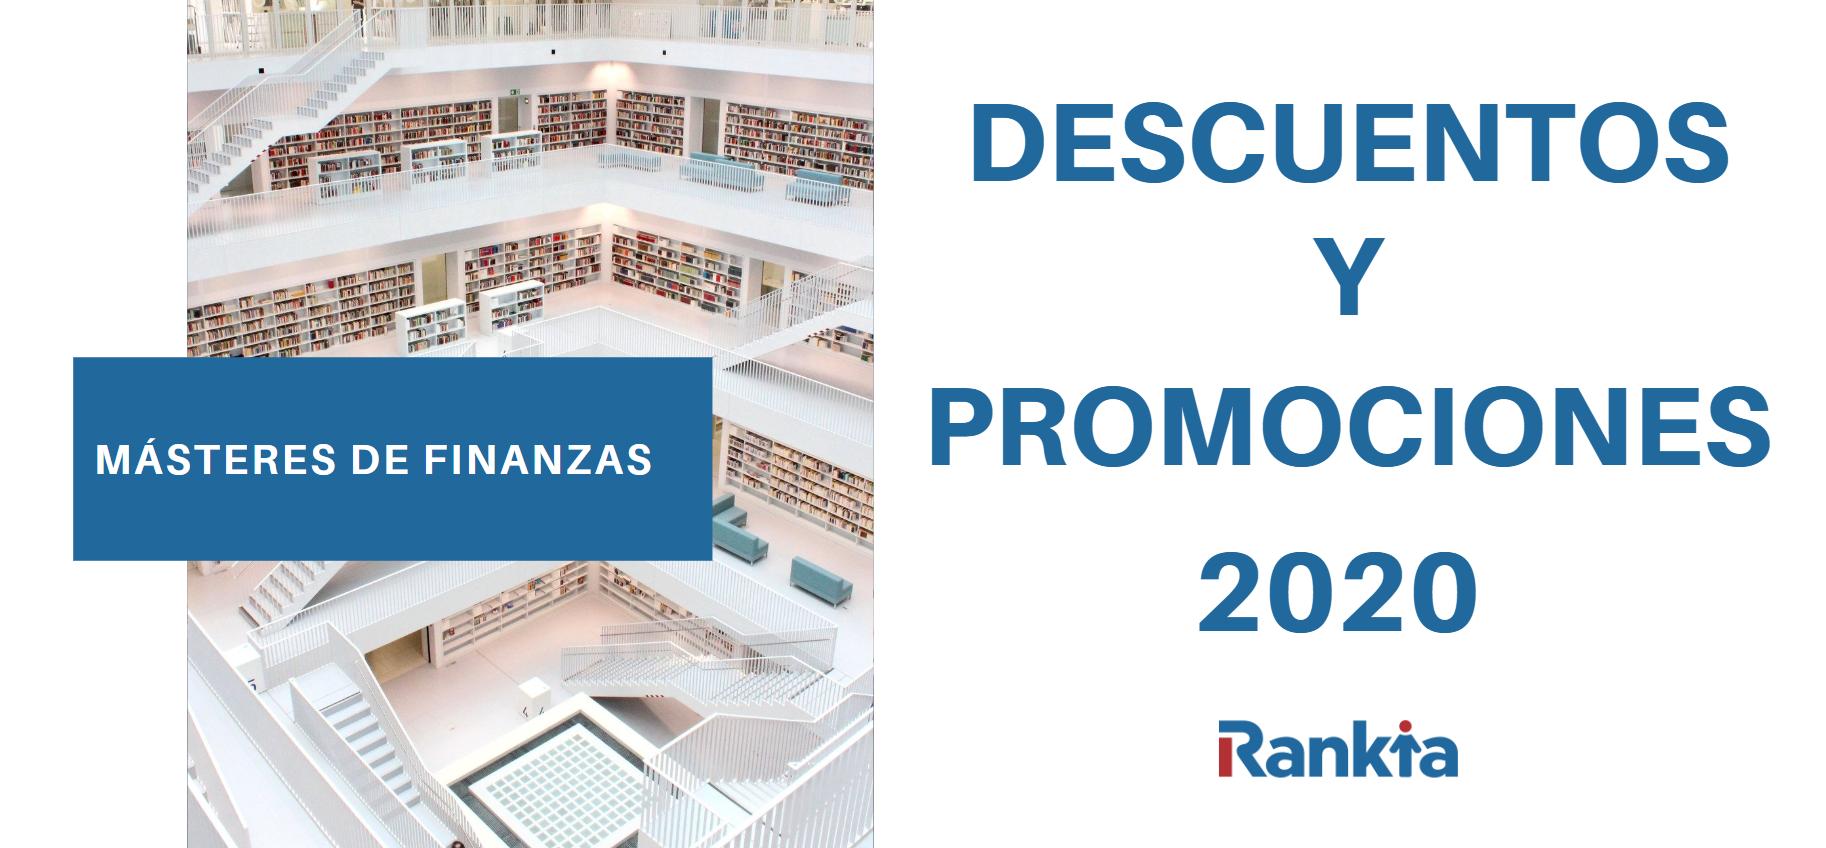 Descuentos y promociones en Másteres de Finanzas 2020